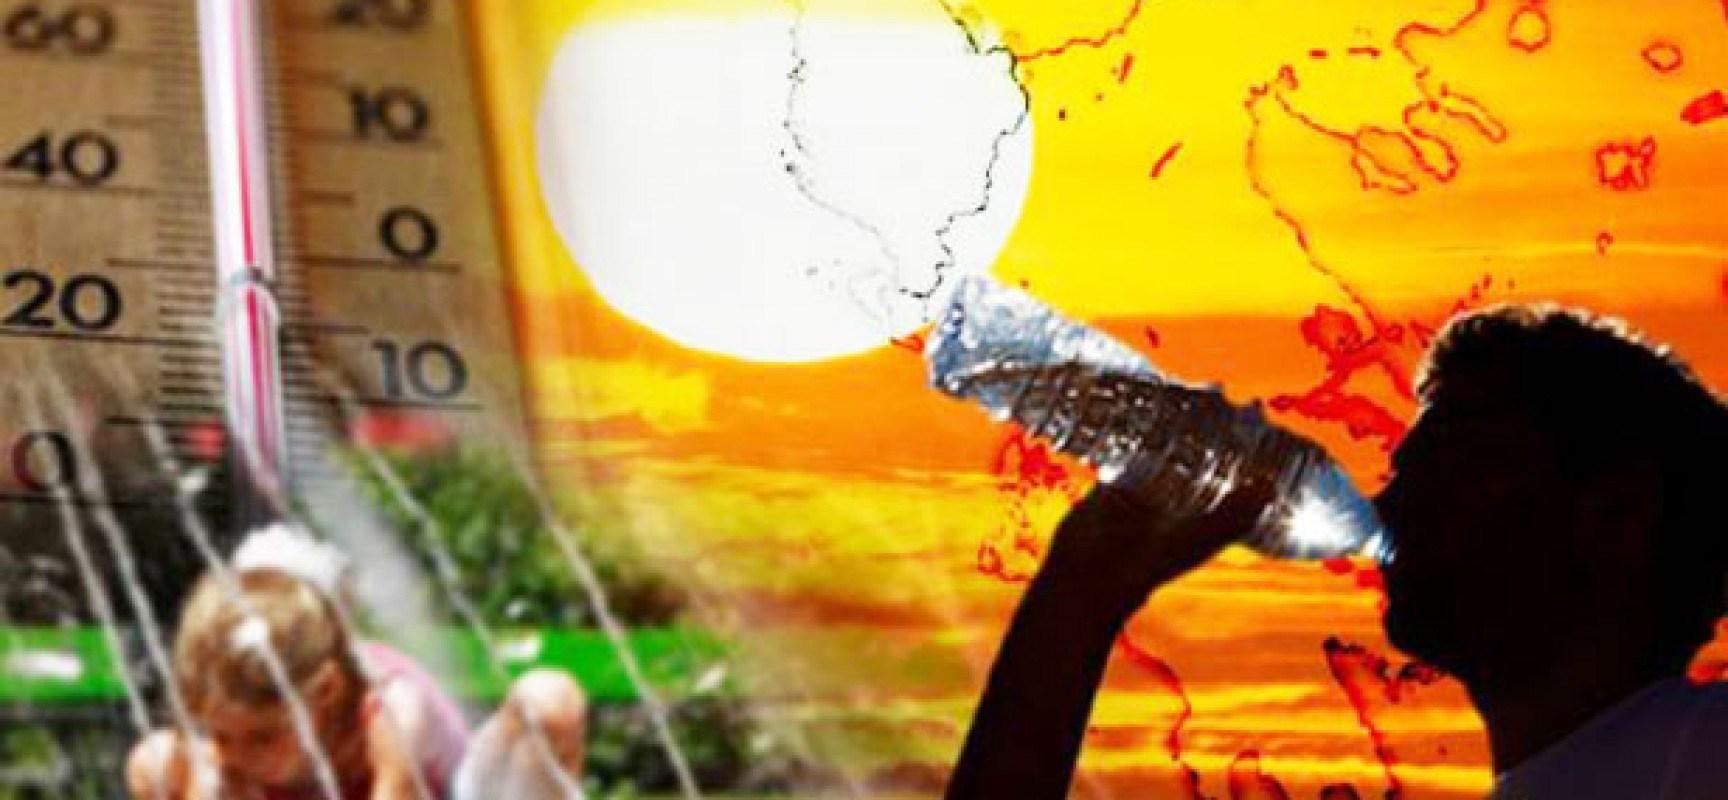 Ανακοίνωση του Τμήματος Επιθεώρησης Εργασίας για τον καύσωνα